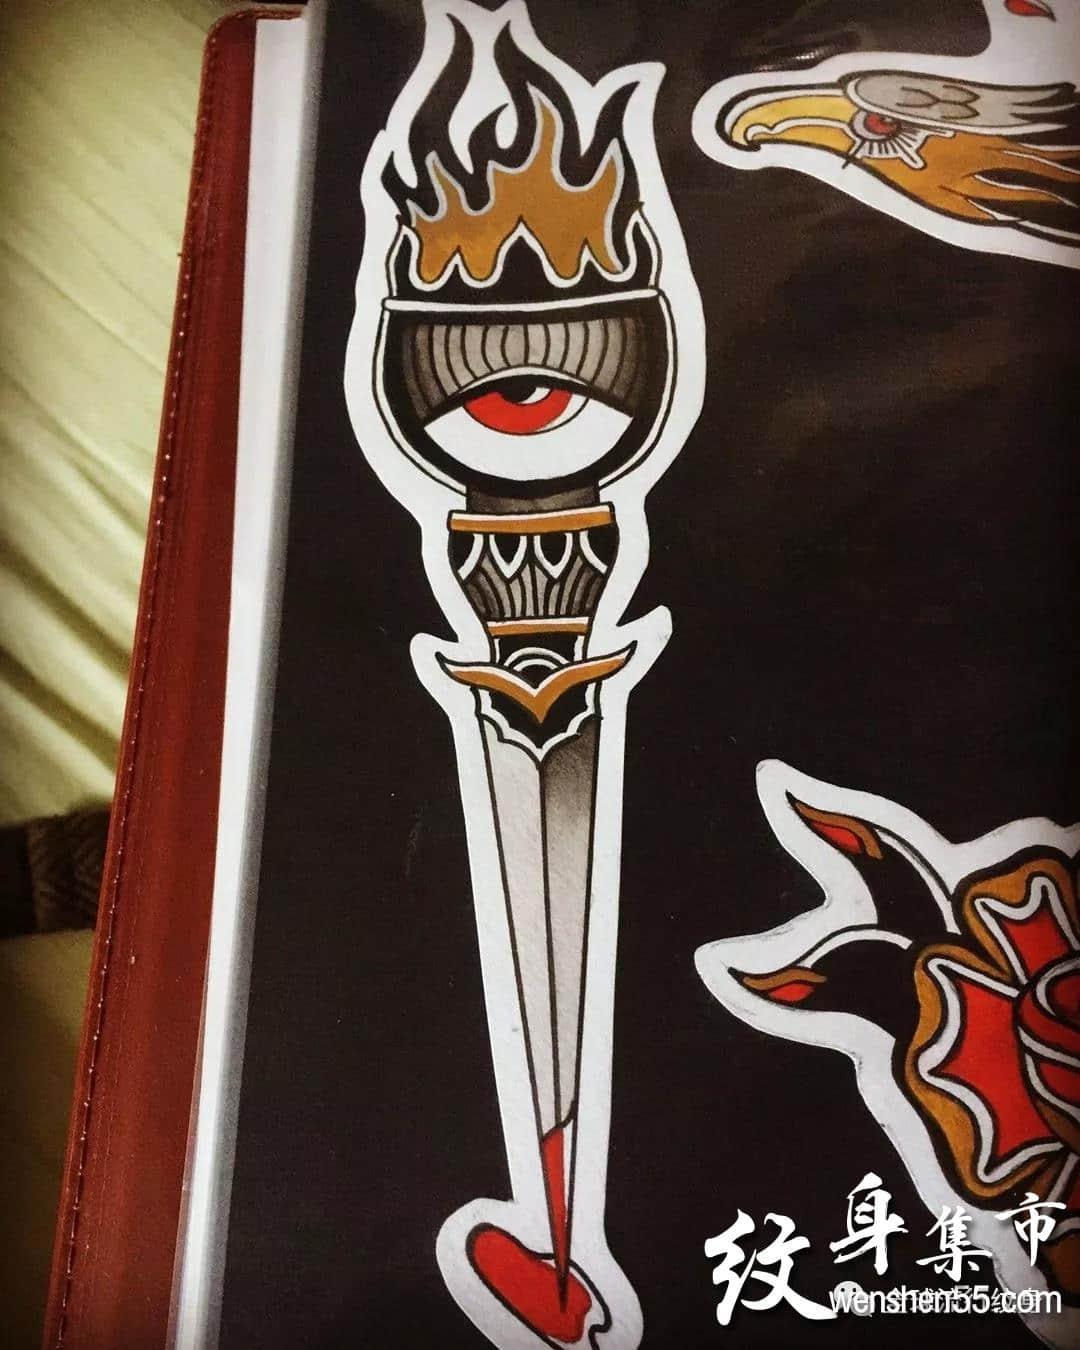 火炬纹身,火炬纹身手稿,火炬纹身手稿图案大全